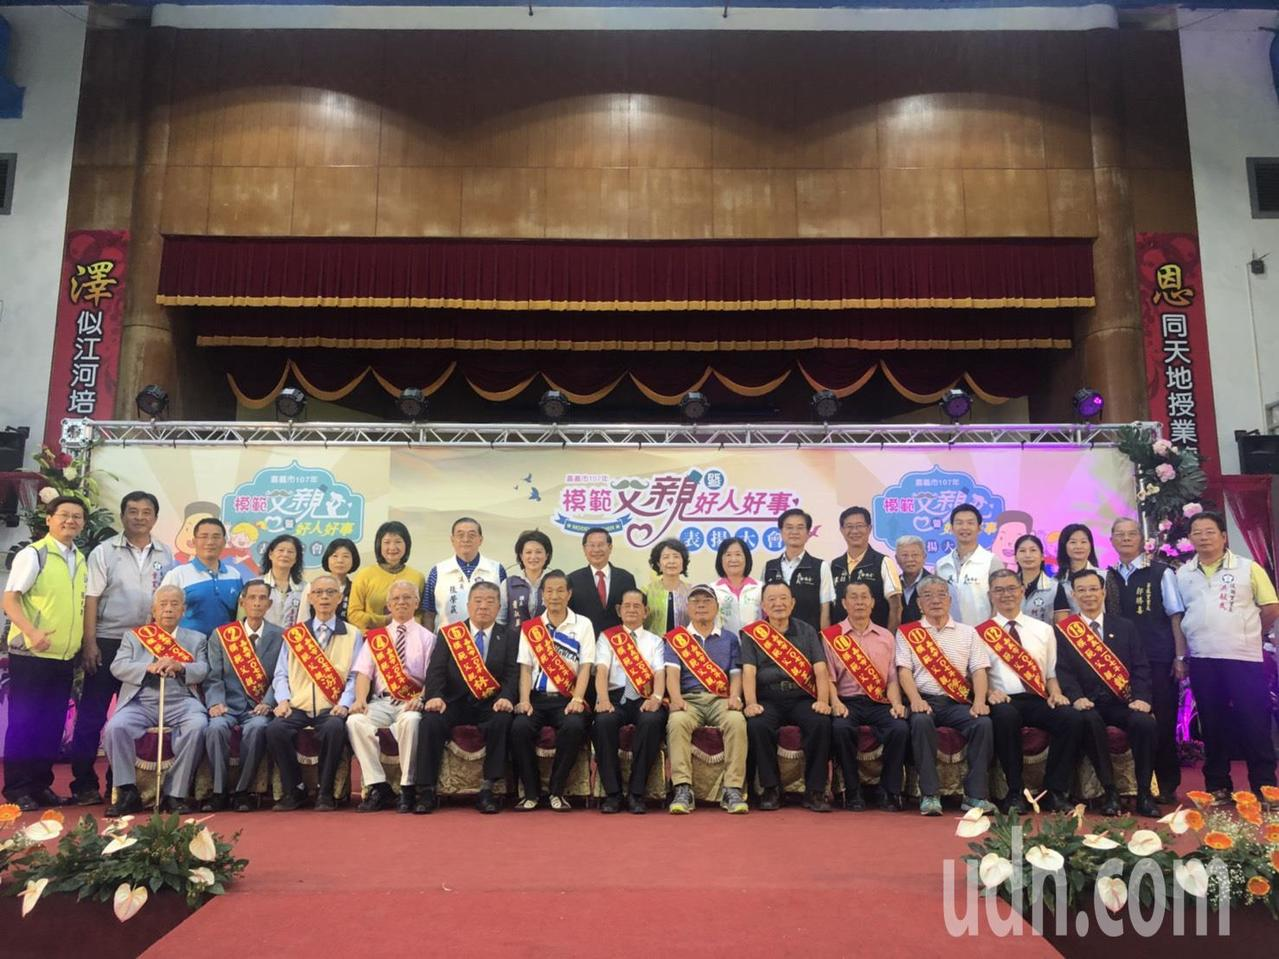 嘉義市政府今天在北興國中舉行模範父親、好人好事與城市英雄表揚大會,向13名模範父...